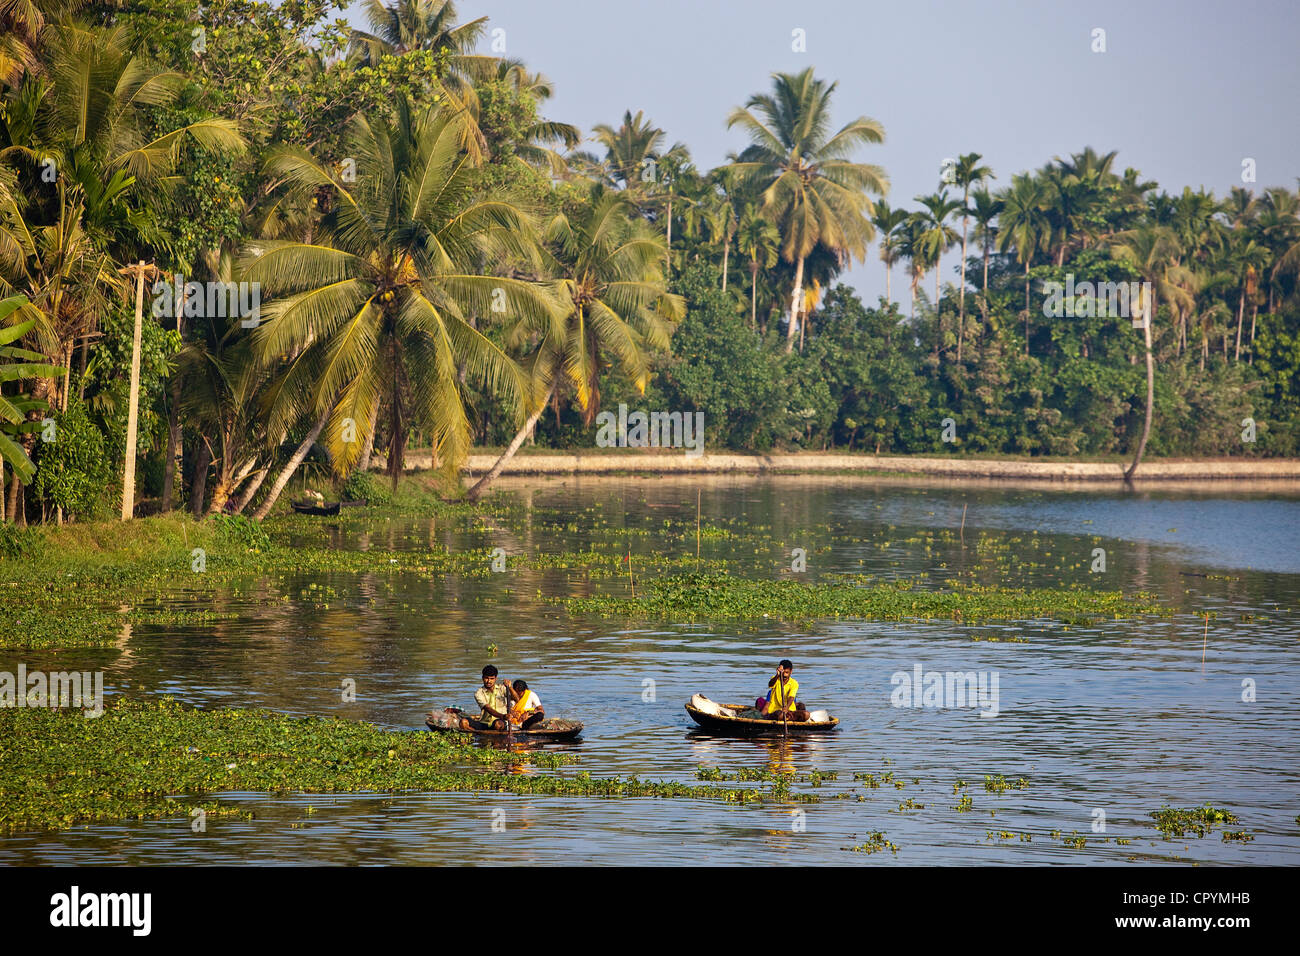 India Kerala State, Allepey, le lagune, vita quotidiana lungo i canali di mattina Immagini Stock